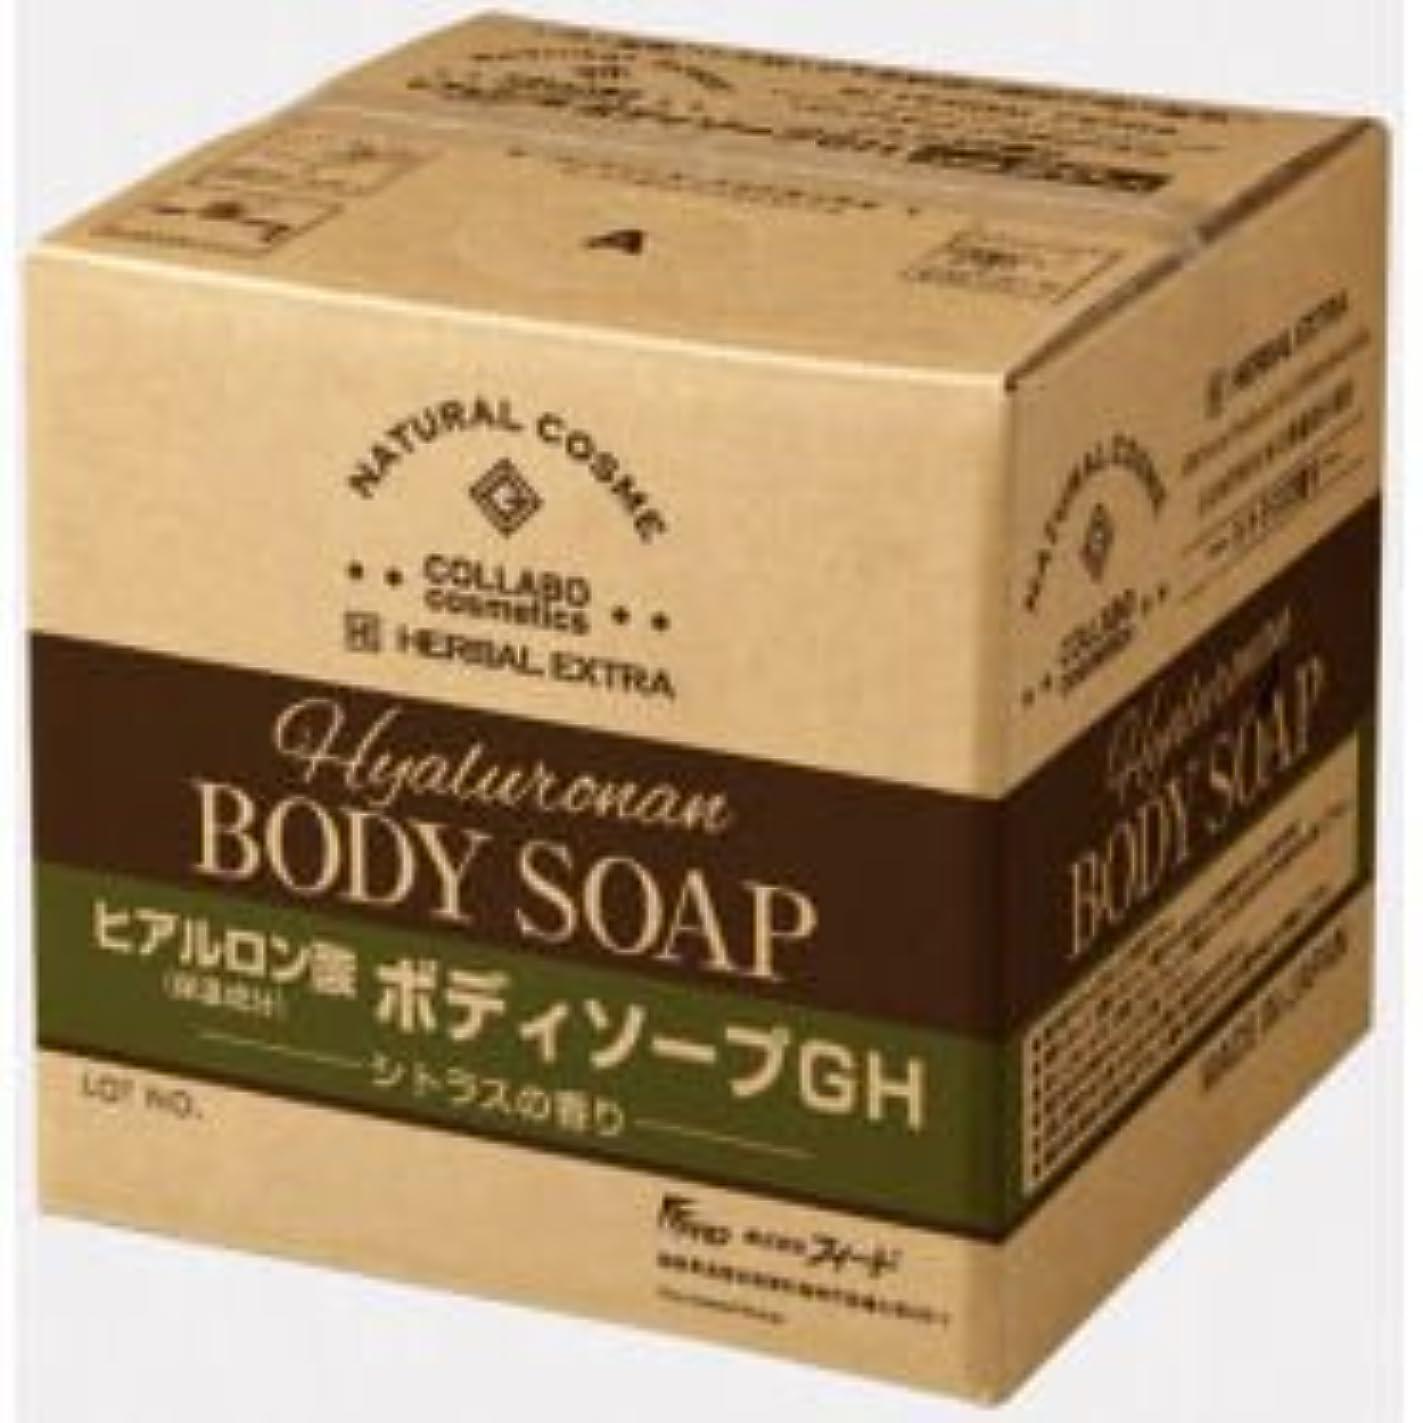 賃金元気削るゼミド×ハーバルエクストラ ヒアルロン酸ボディソープGH シトラスの香り 20kg